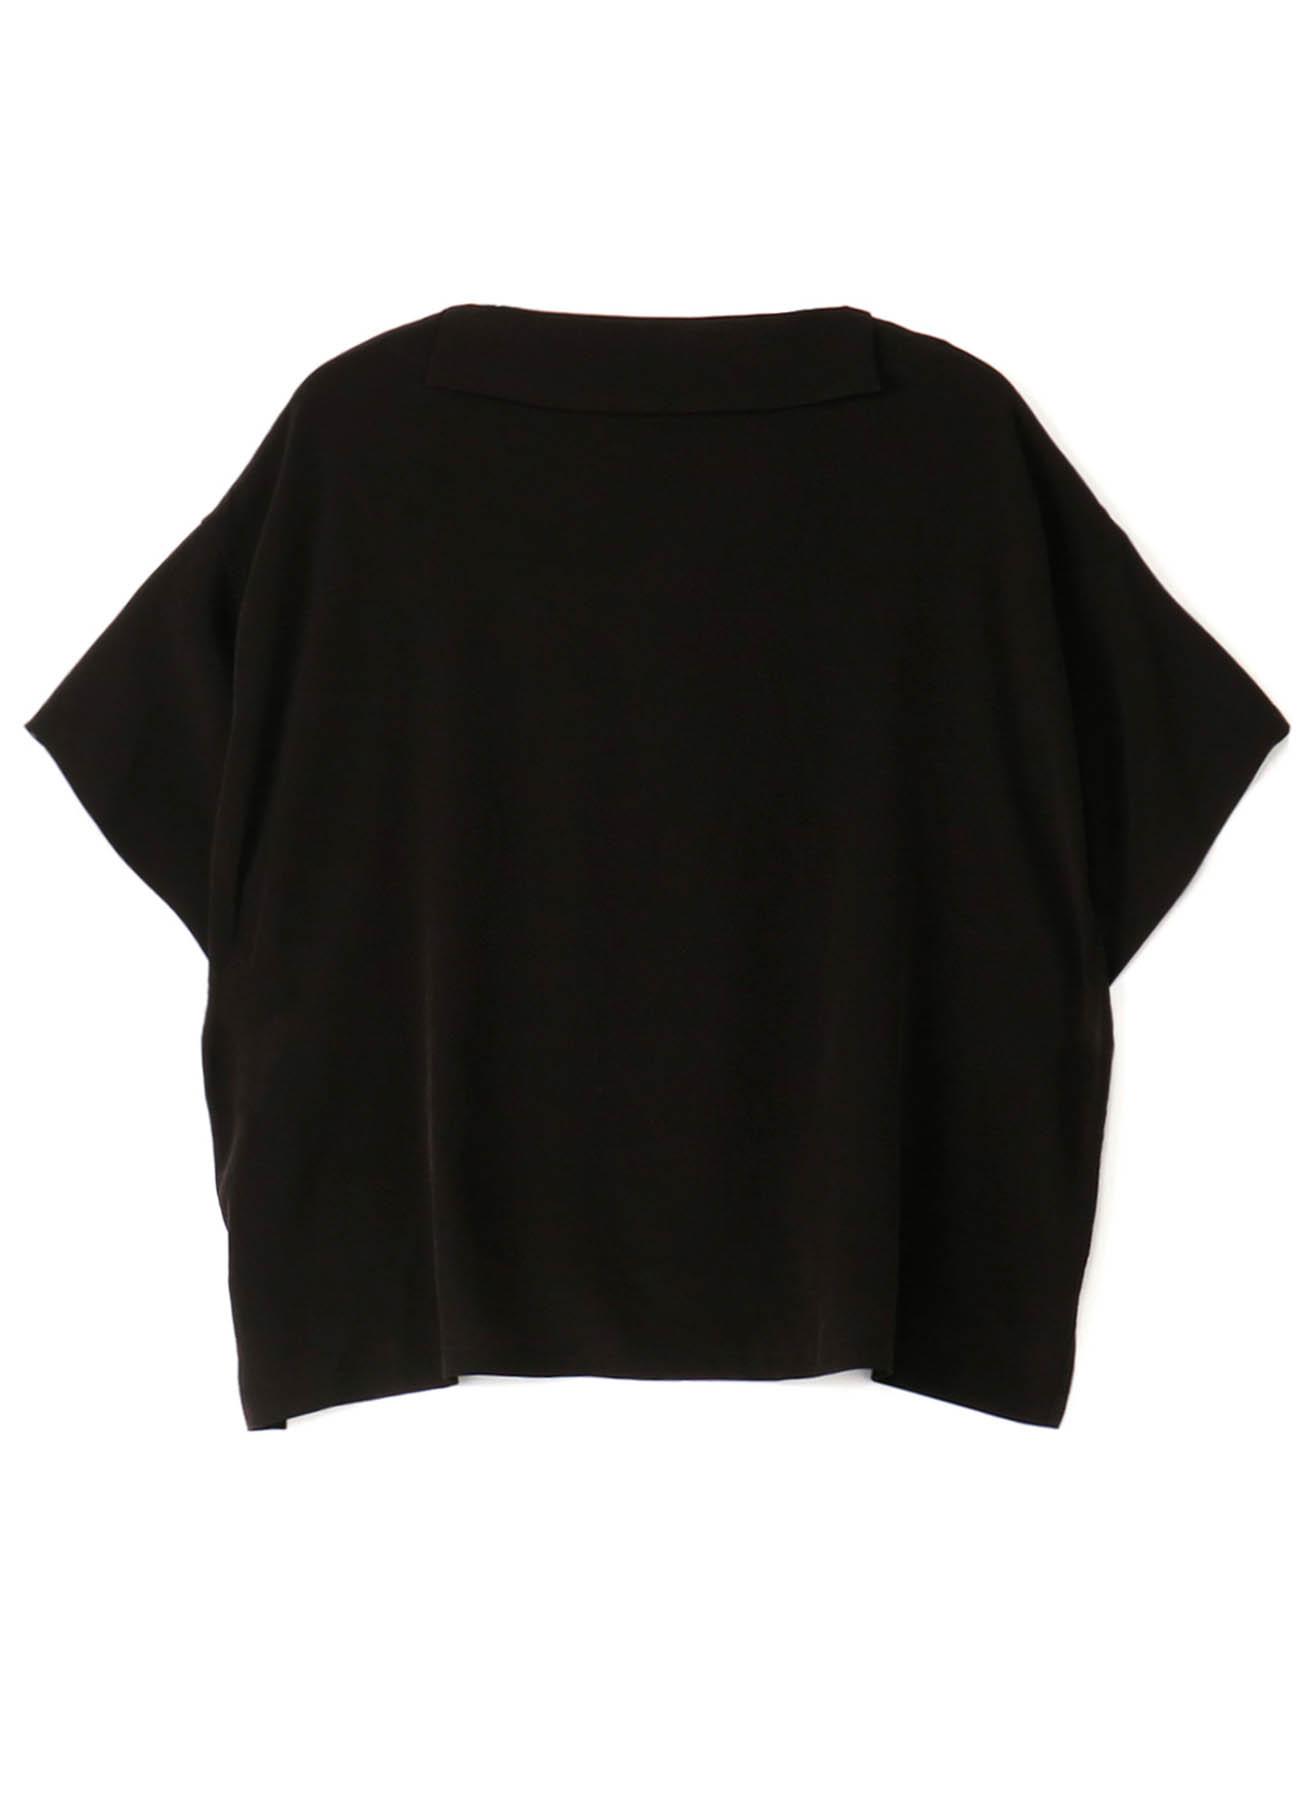 Ta/Pe Decyne Hook Shirt